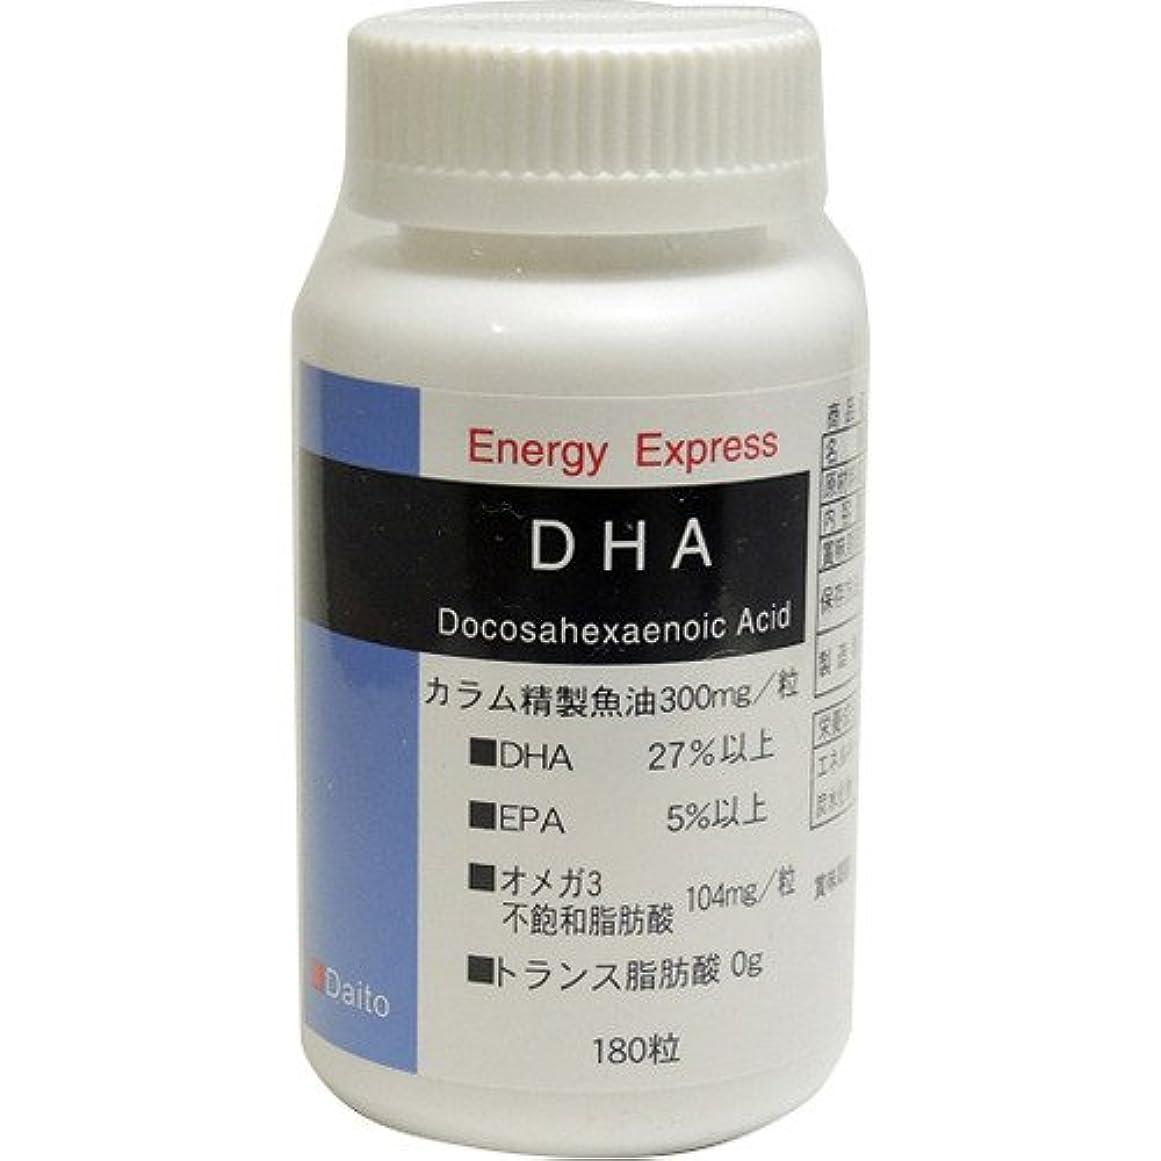 ゴム安全な一掃するダイトー水産 エナジーエキスプレス DHA 445mg×180粒入り